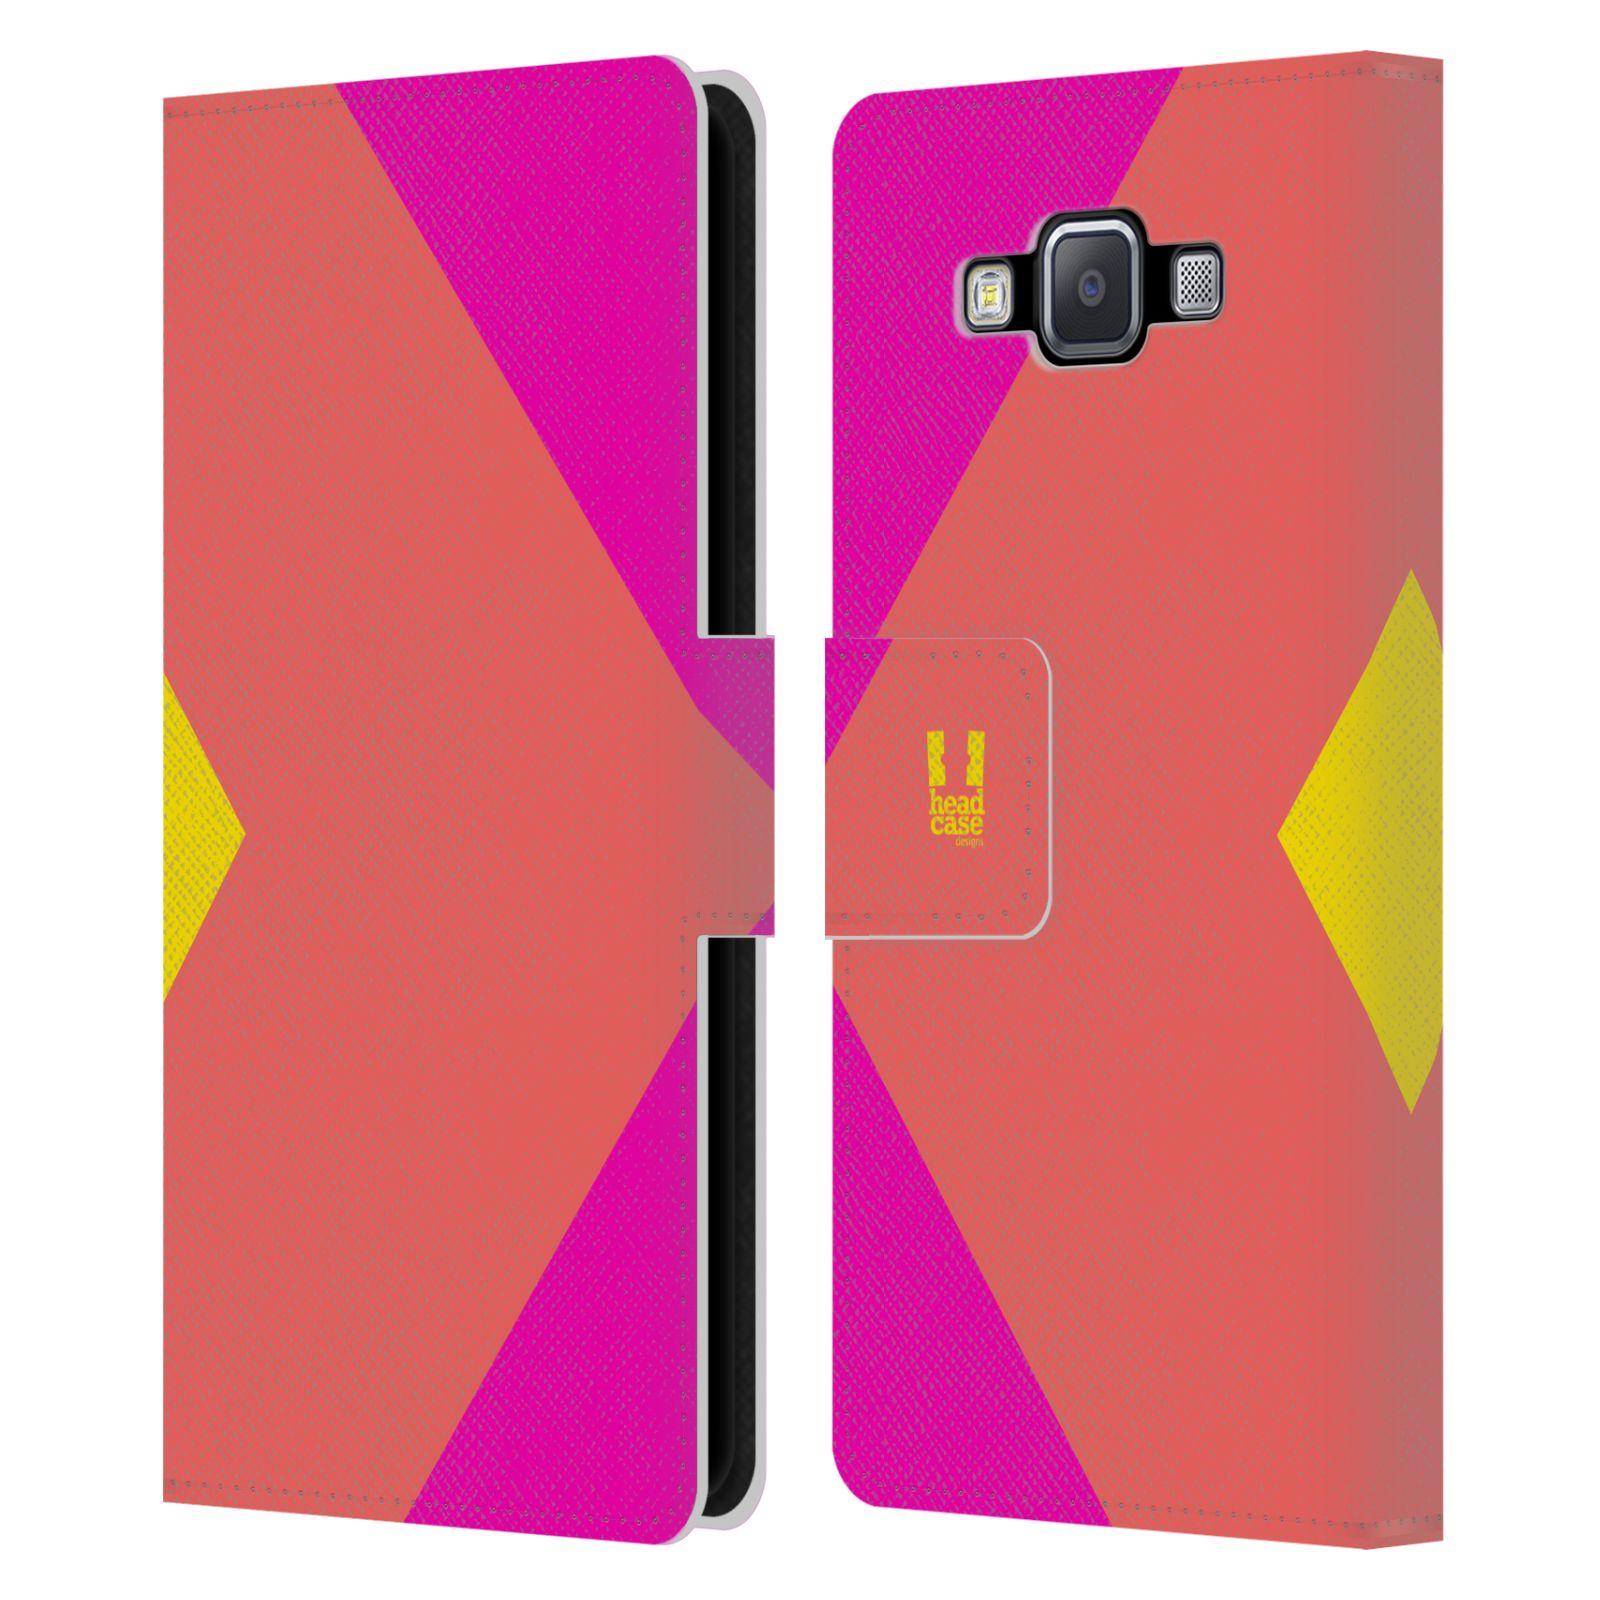 HEAD CASE Flipové pouzdro pro mobil Samsung Galaxy A5 barevné tvary růžová korál